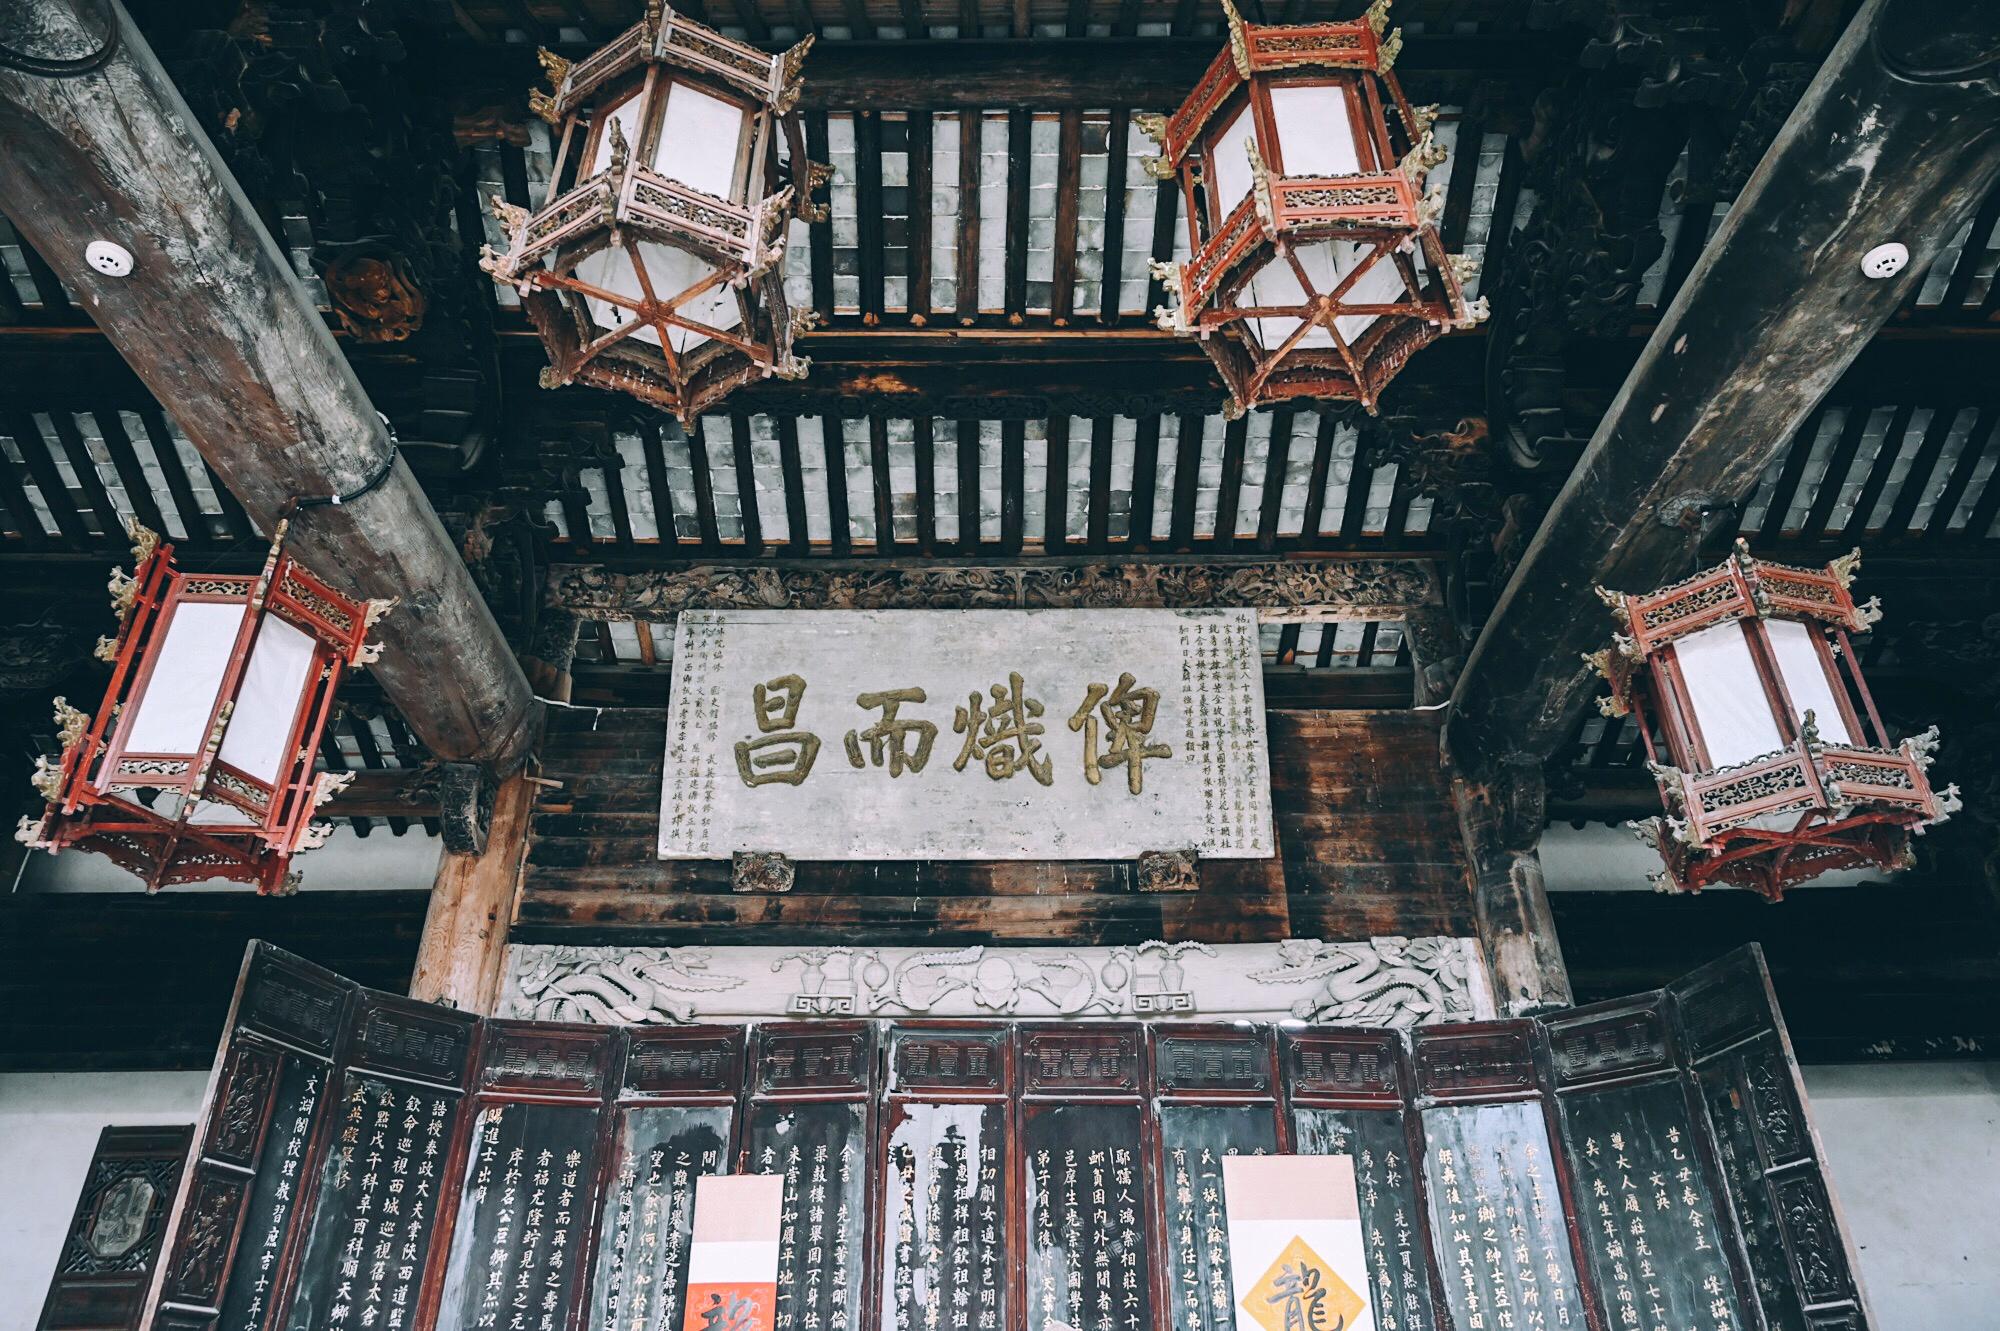 """原创             宁波前童古镇有一座豪宅,因遍布木雕被誉""""江南第一雕花大楼"""""""